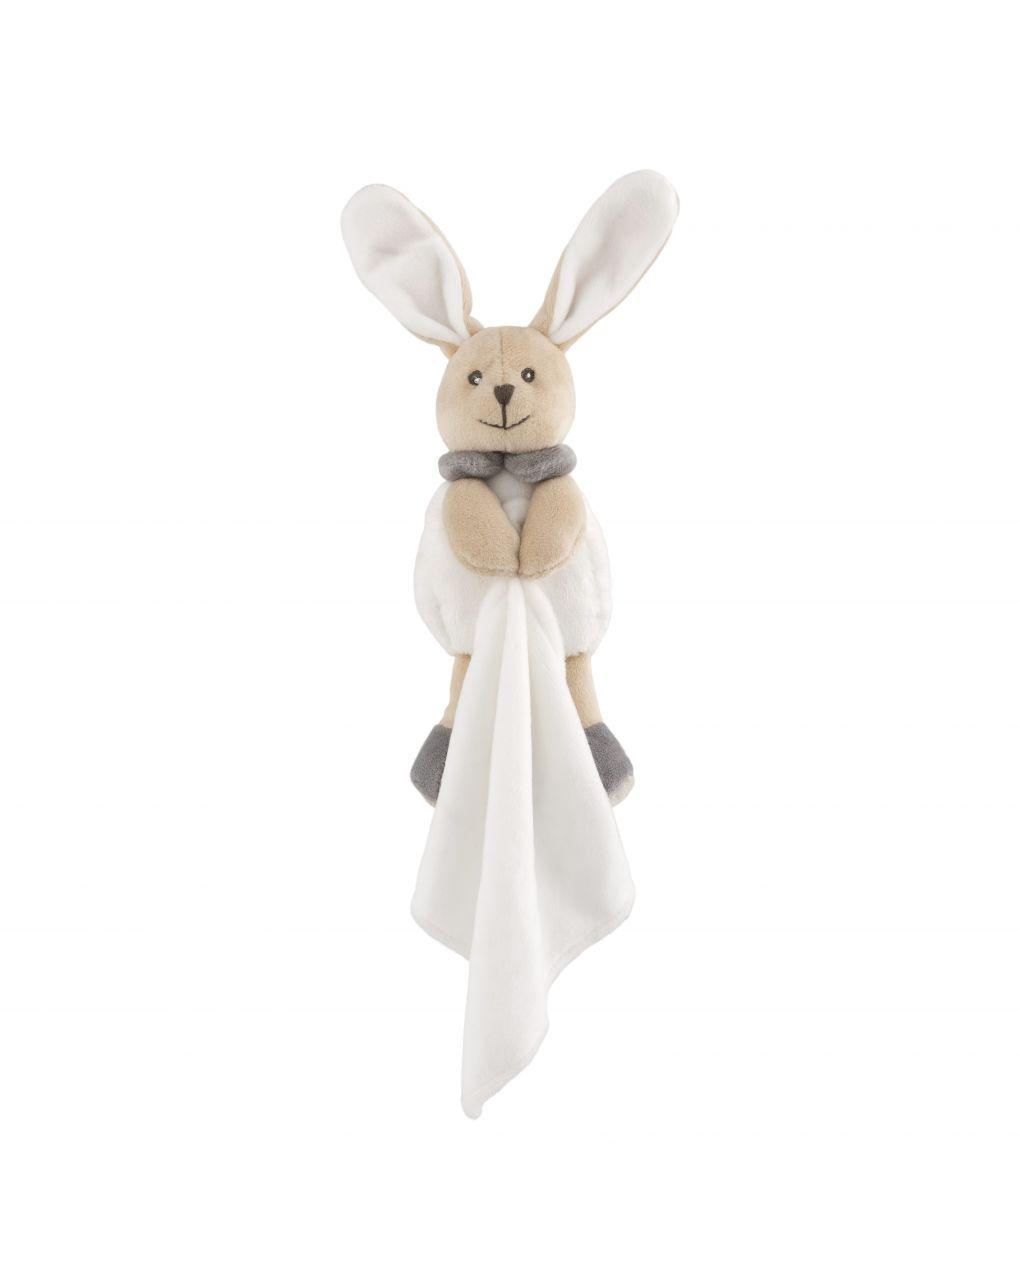 Chicco - coniglietto dou dou - Chicco